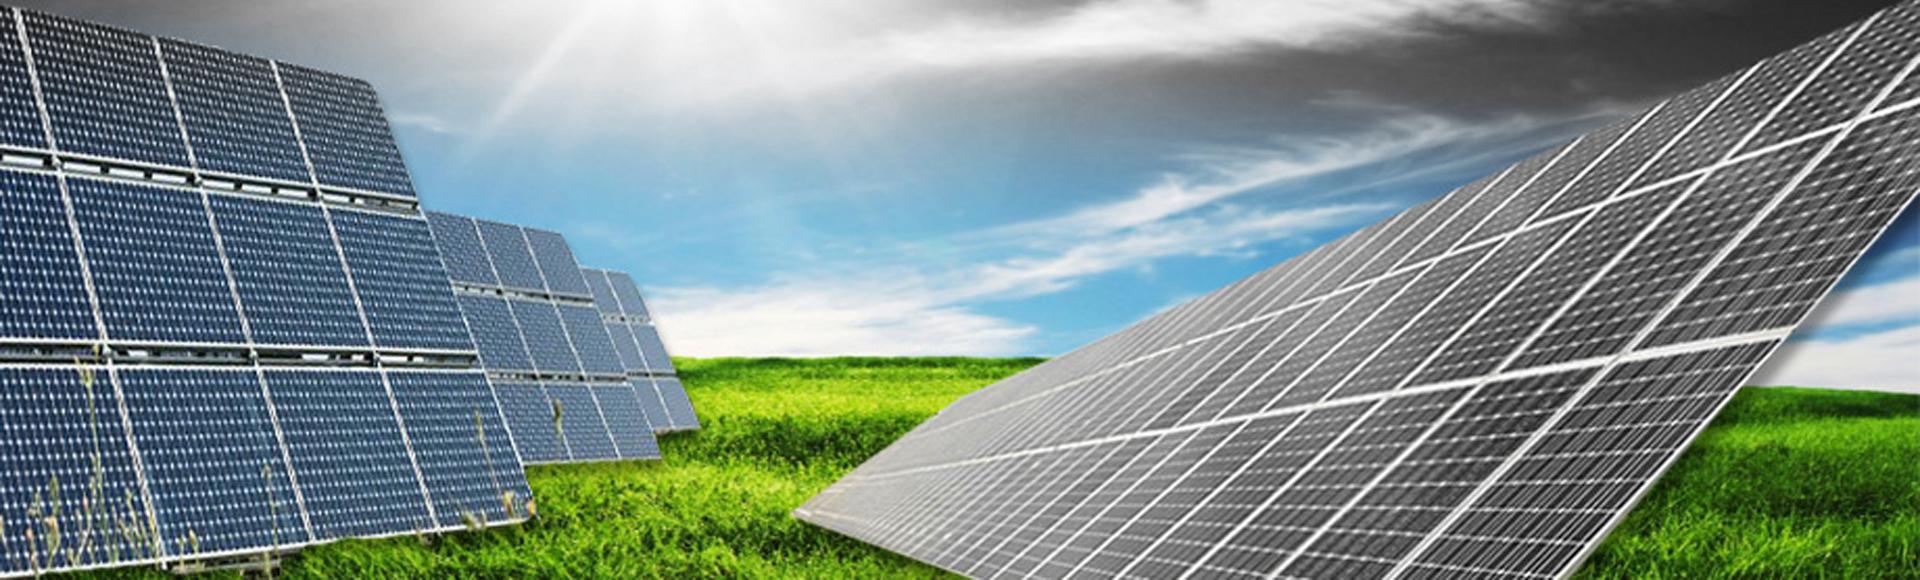 Corso progettazione impianti fotovoltaici enea 17